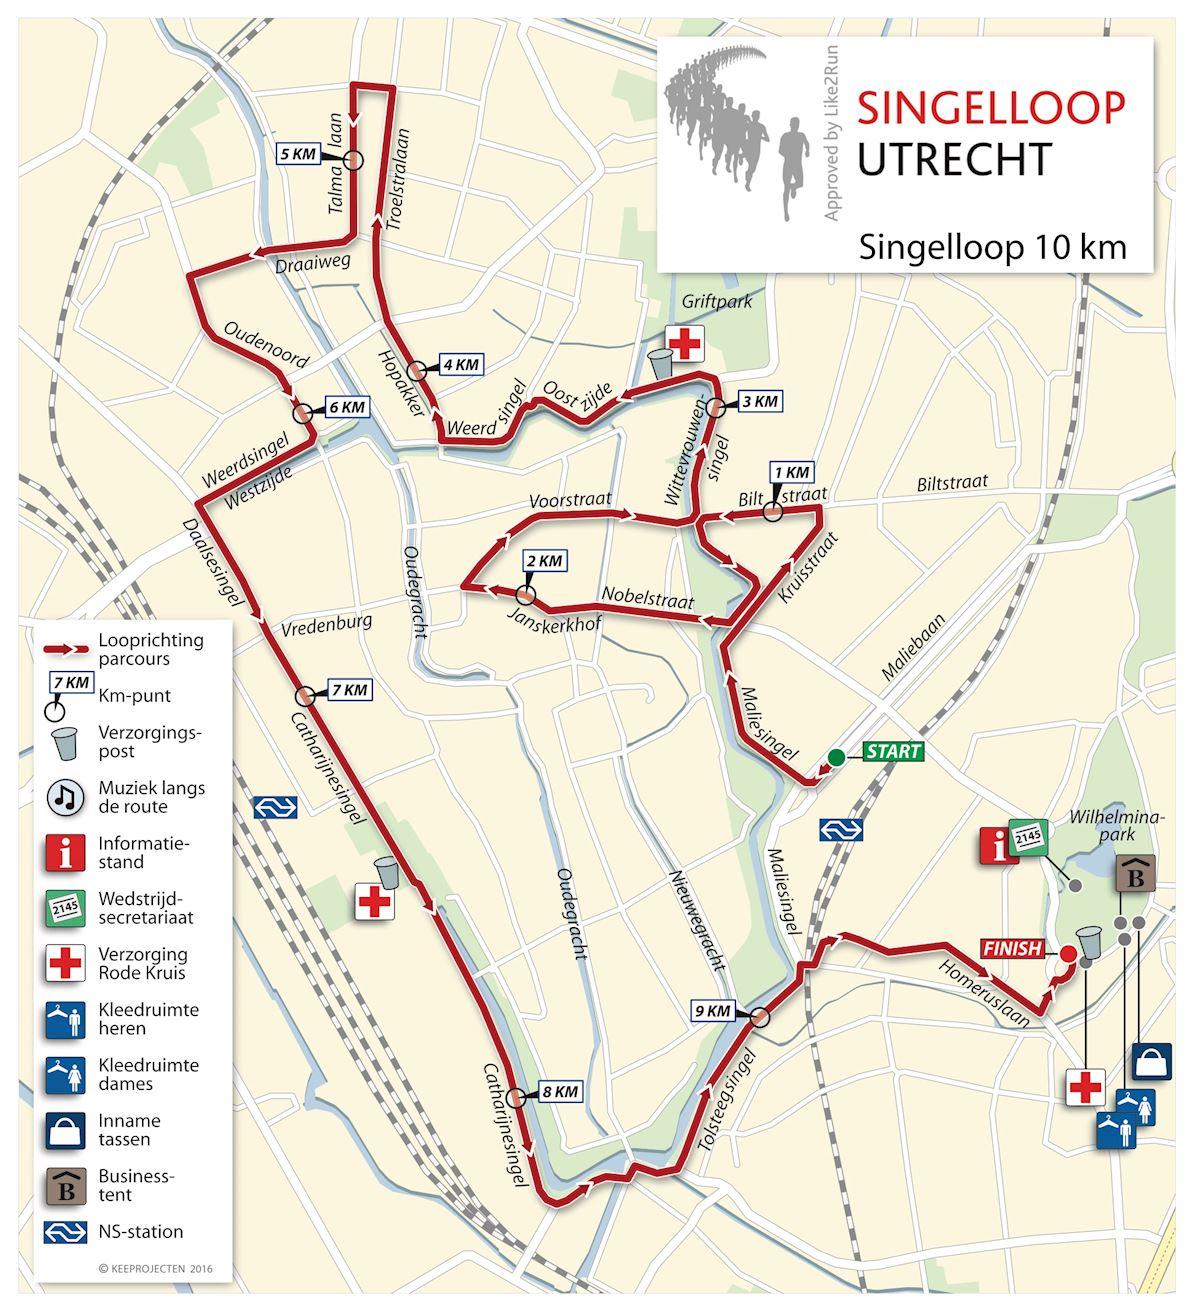 Singelloop Utrecht Routenkarte